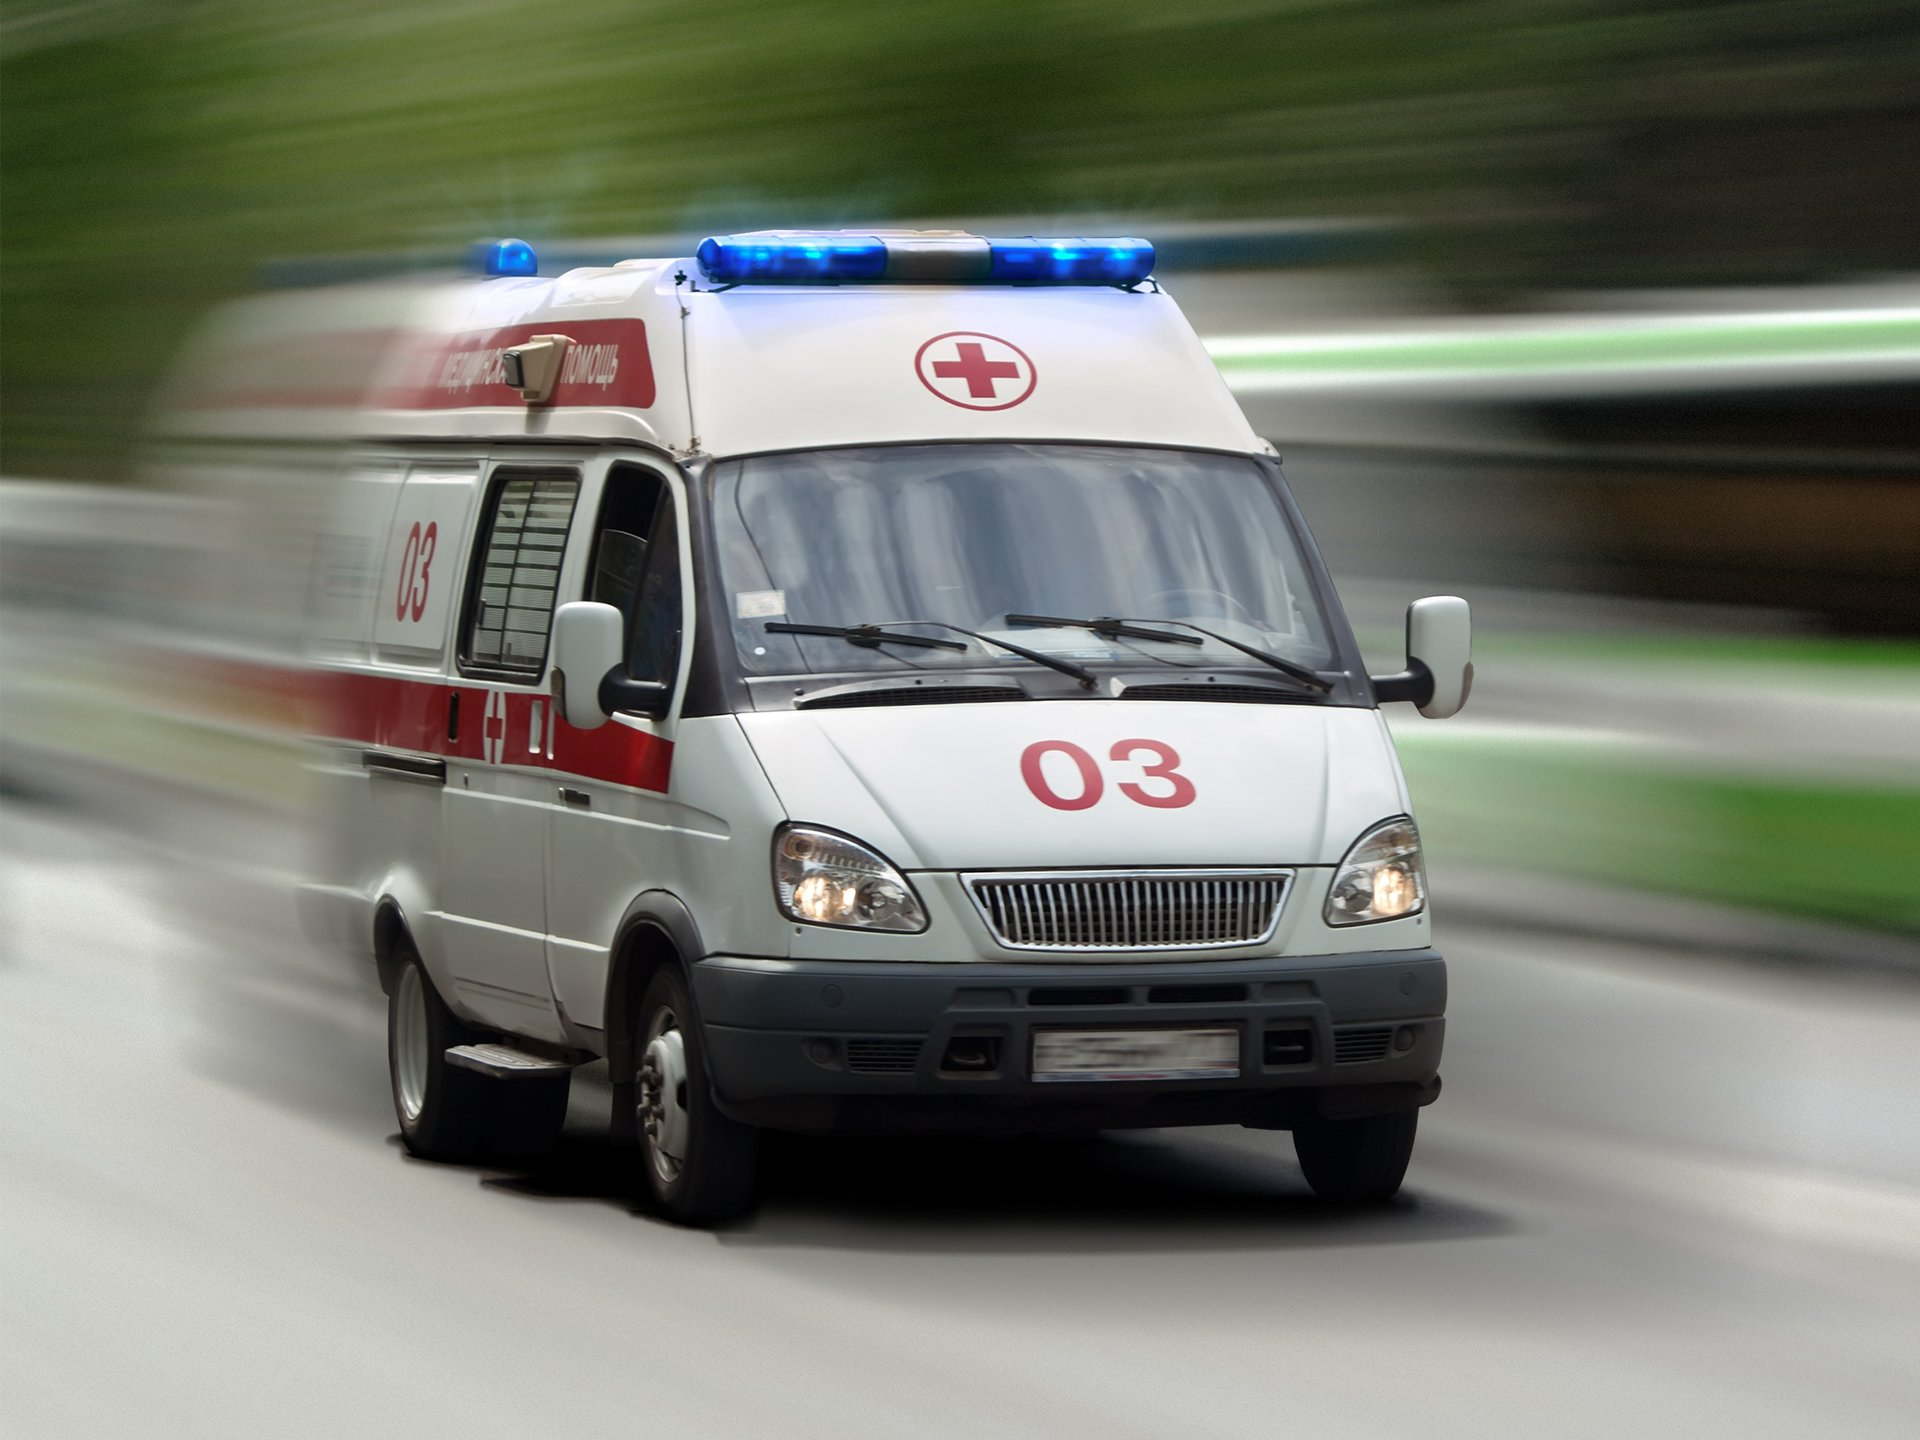 В Рубцовске, пациенту, страдающему тяжелым заболеванием отказали в госпитализации